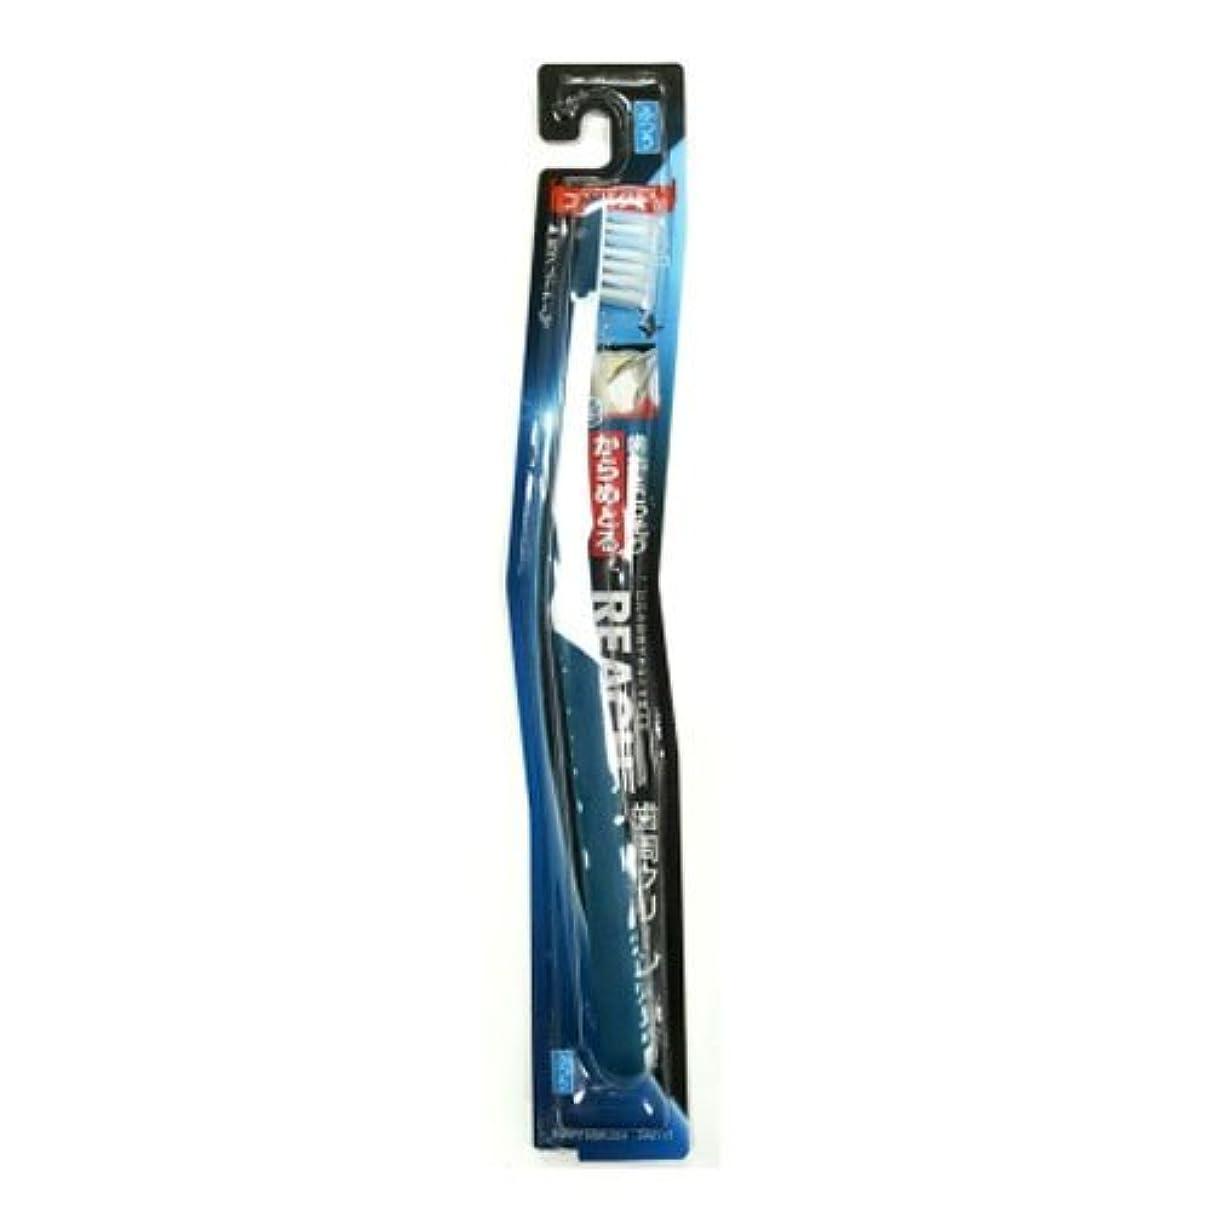 間に合わせ満足窓を洗うリーチ歯周クリーンコンパクトふつう